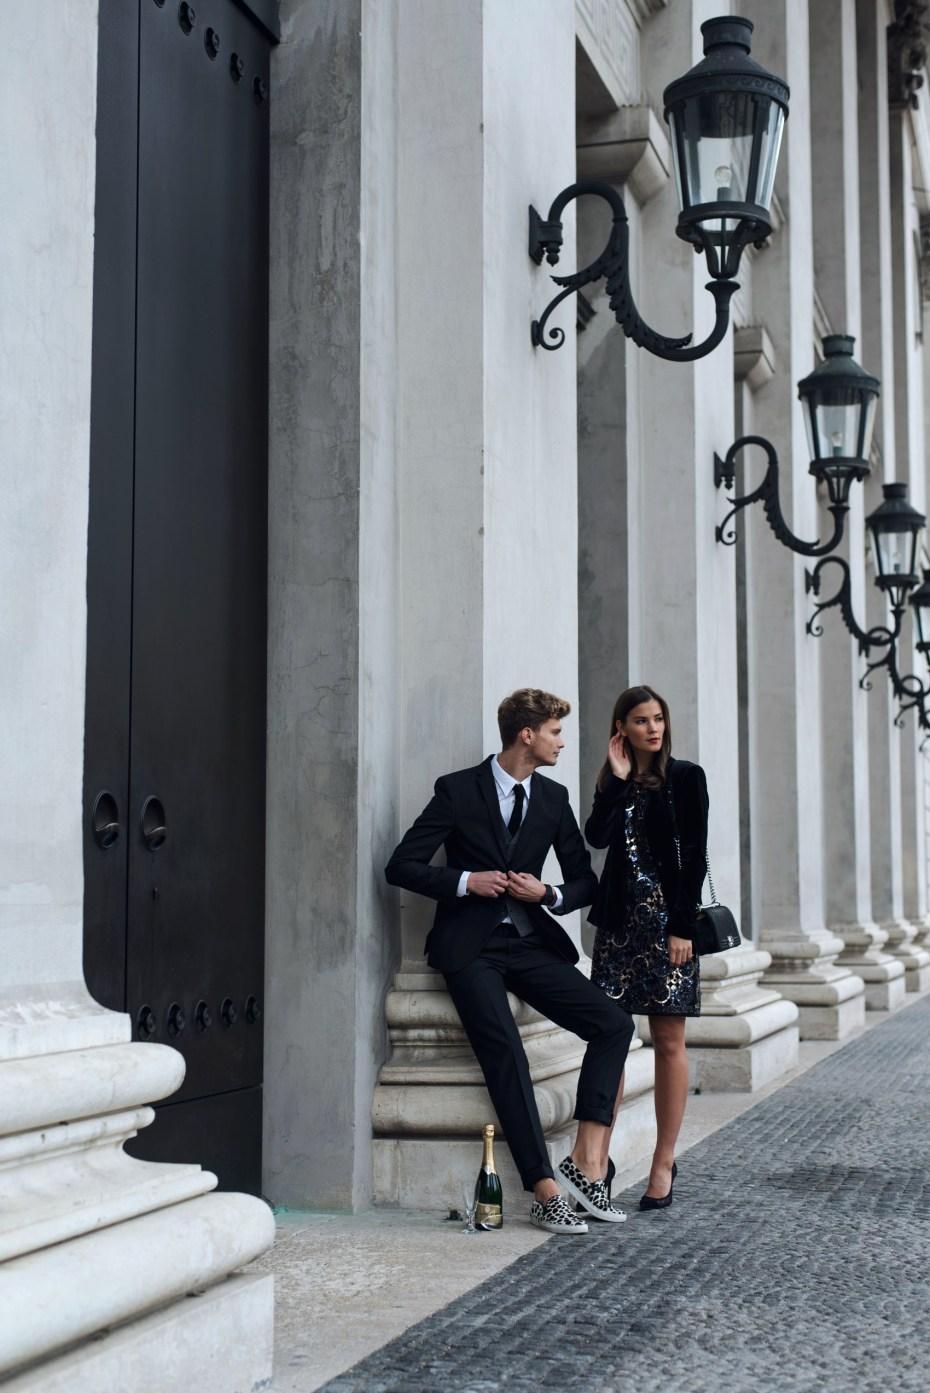 patkahlo männer fashion und lifestyle blog deutschland münchen 4